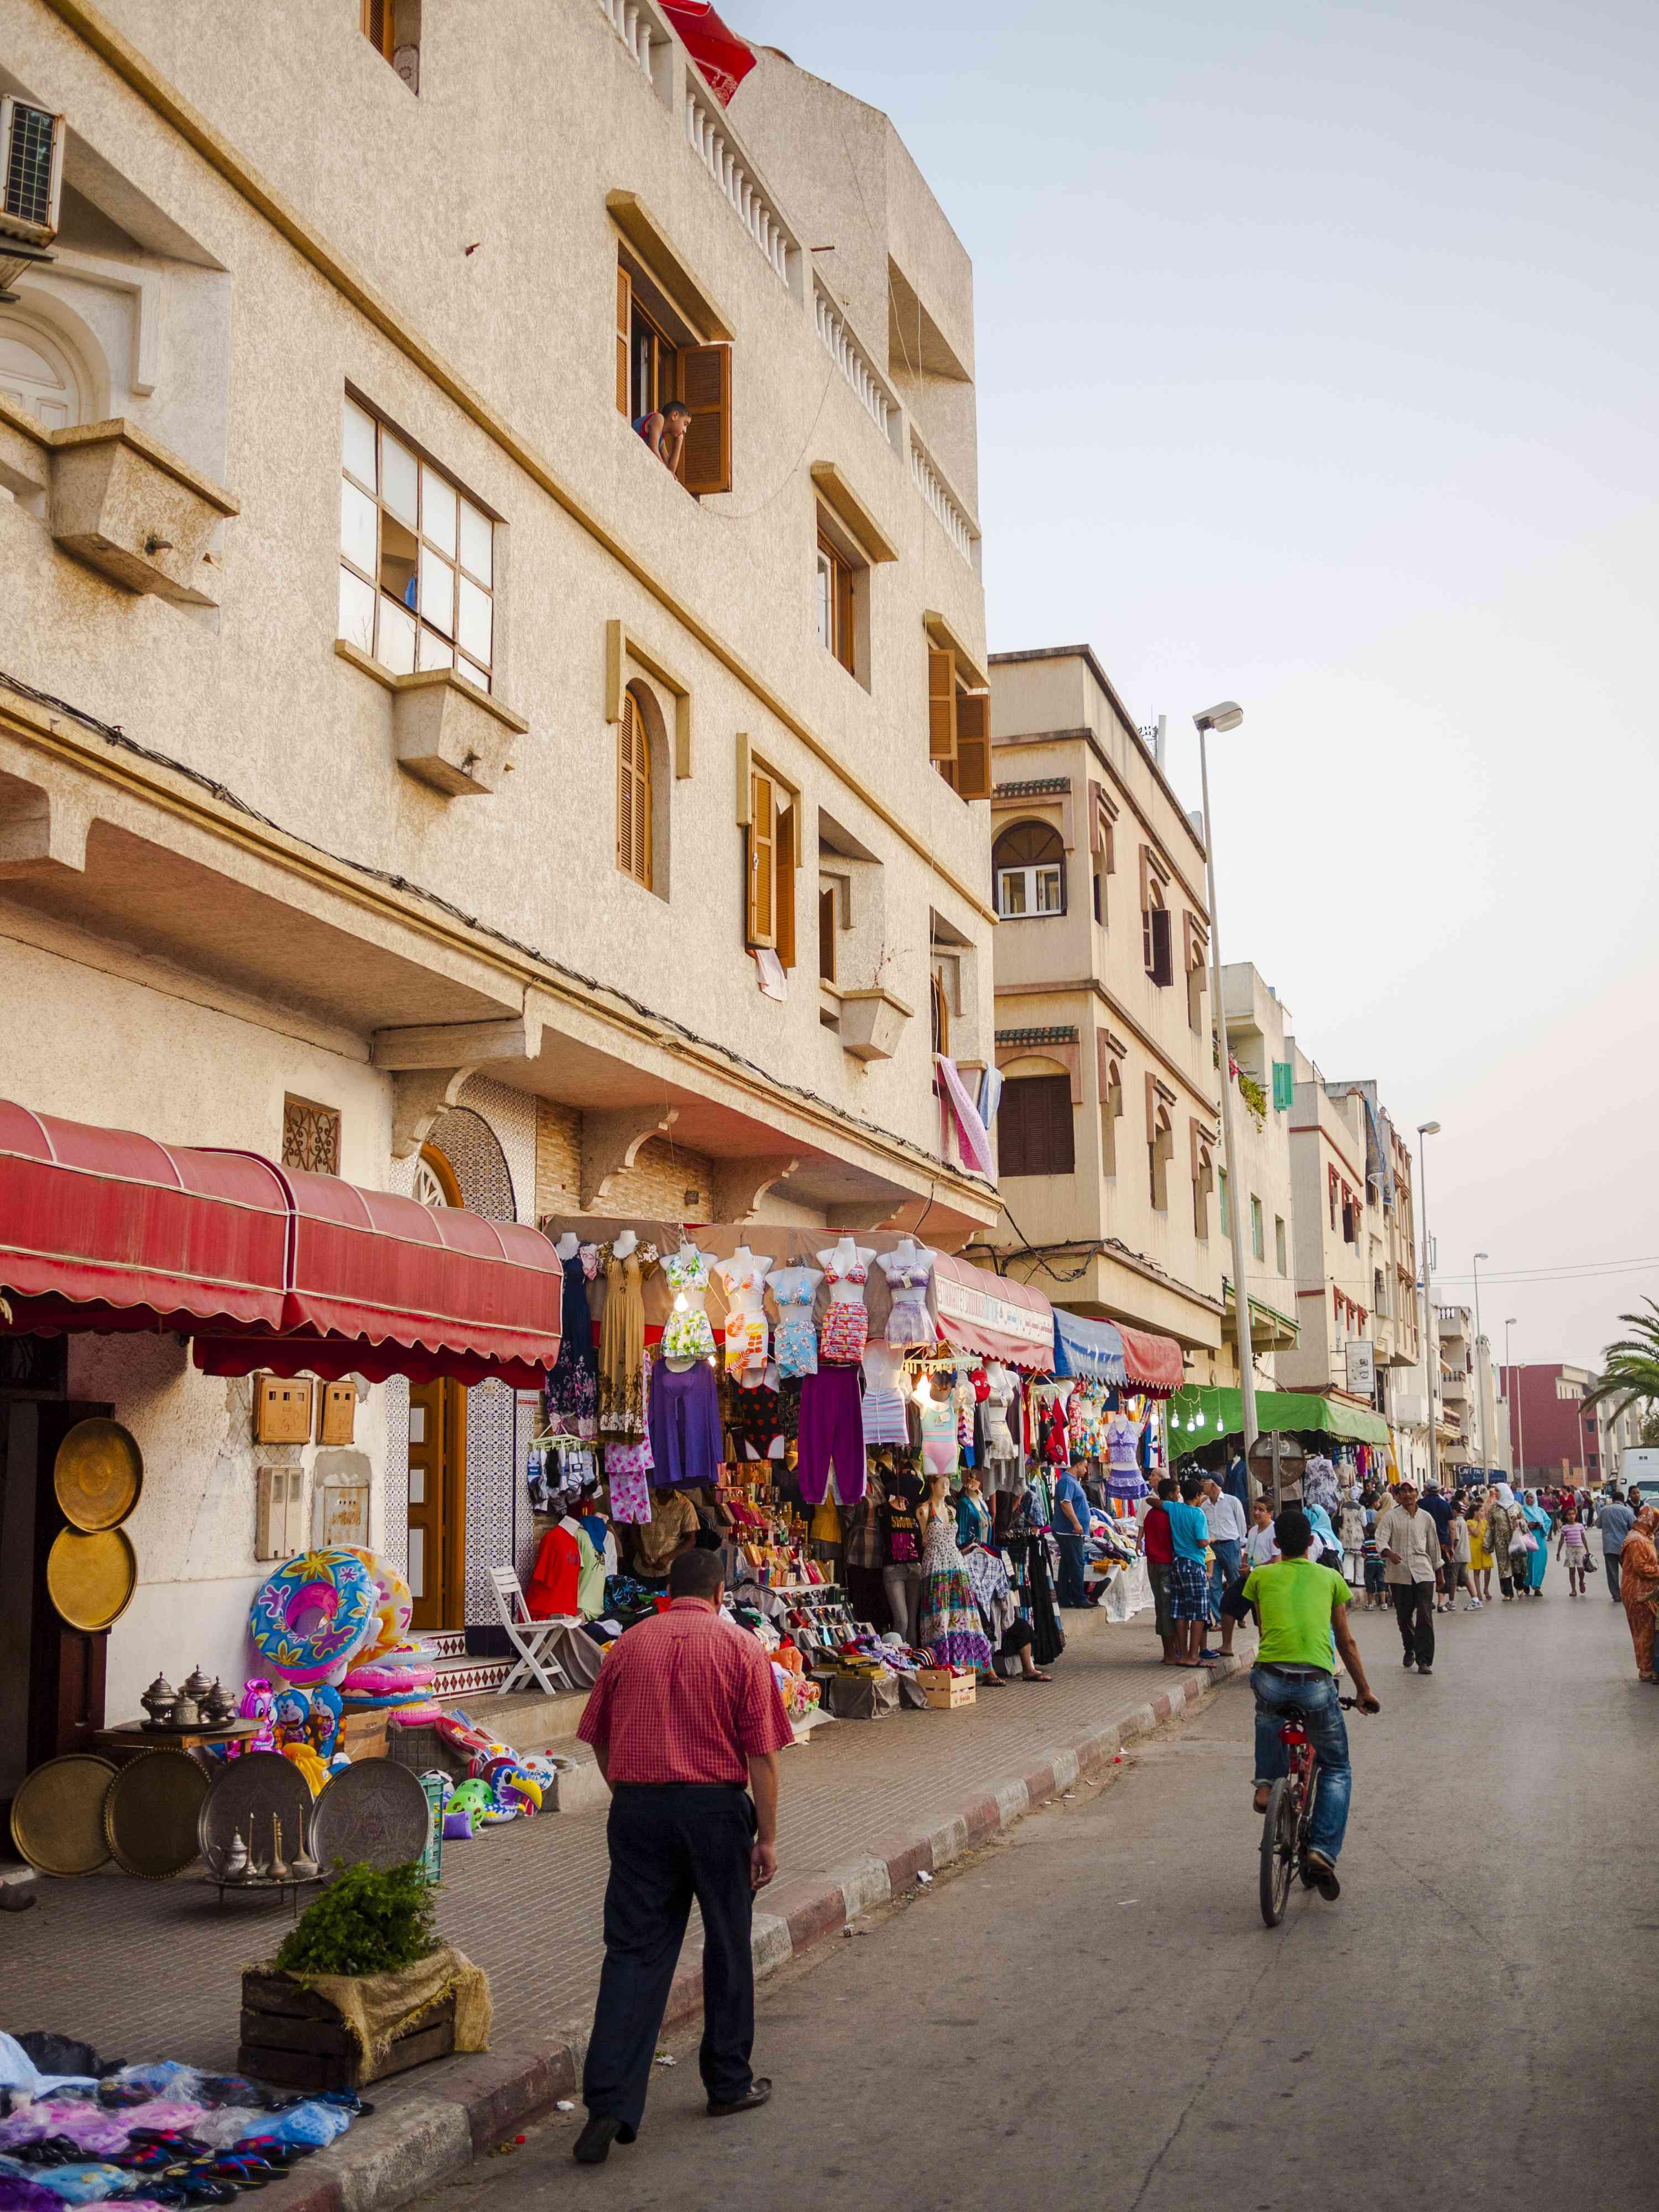 Street in Asilah, Morocco